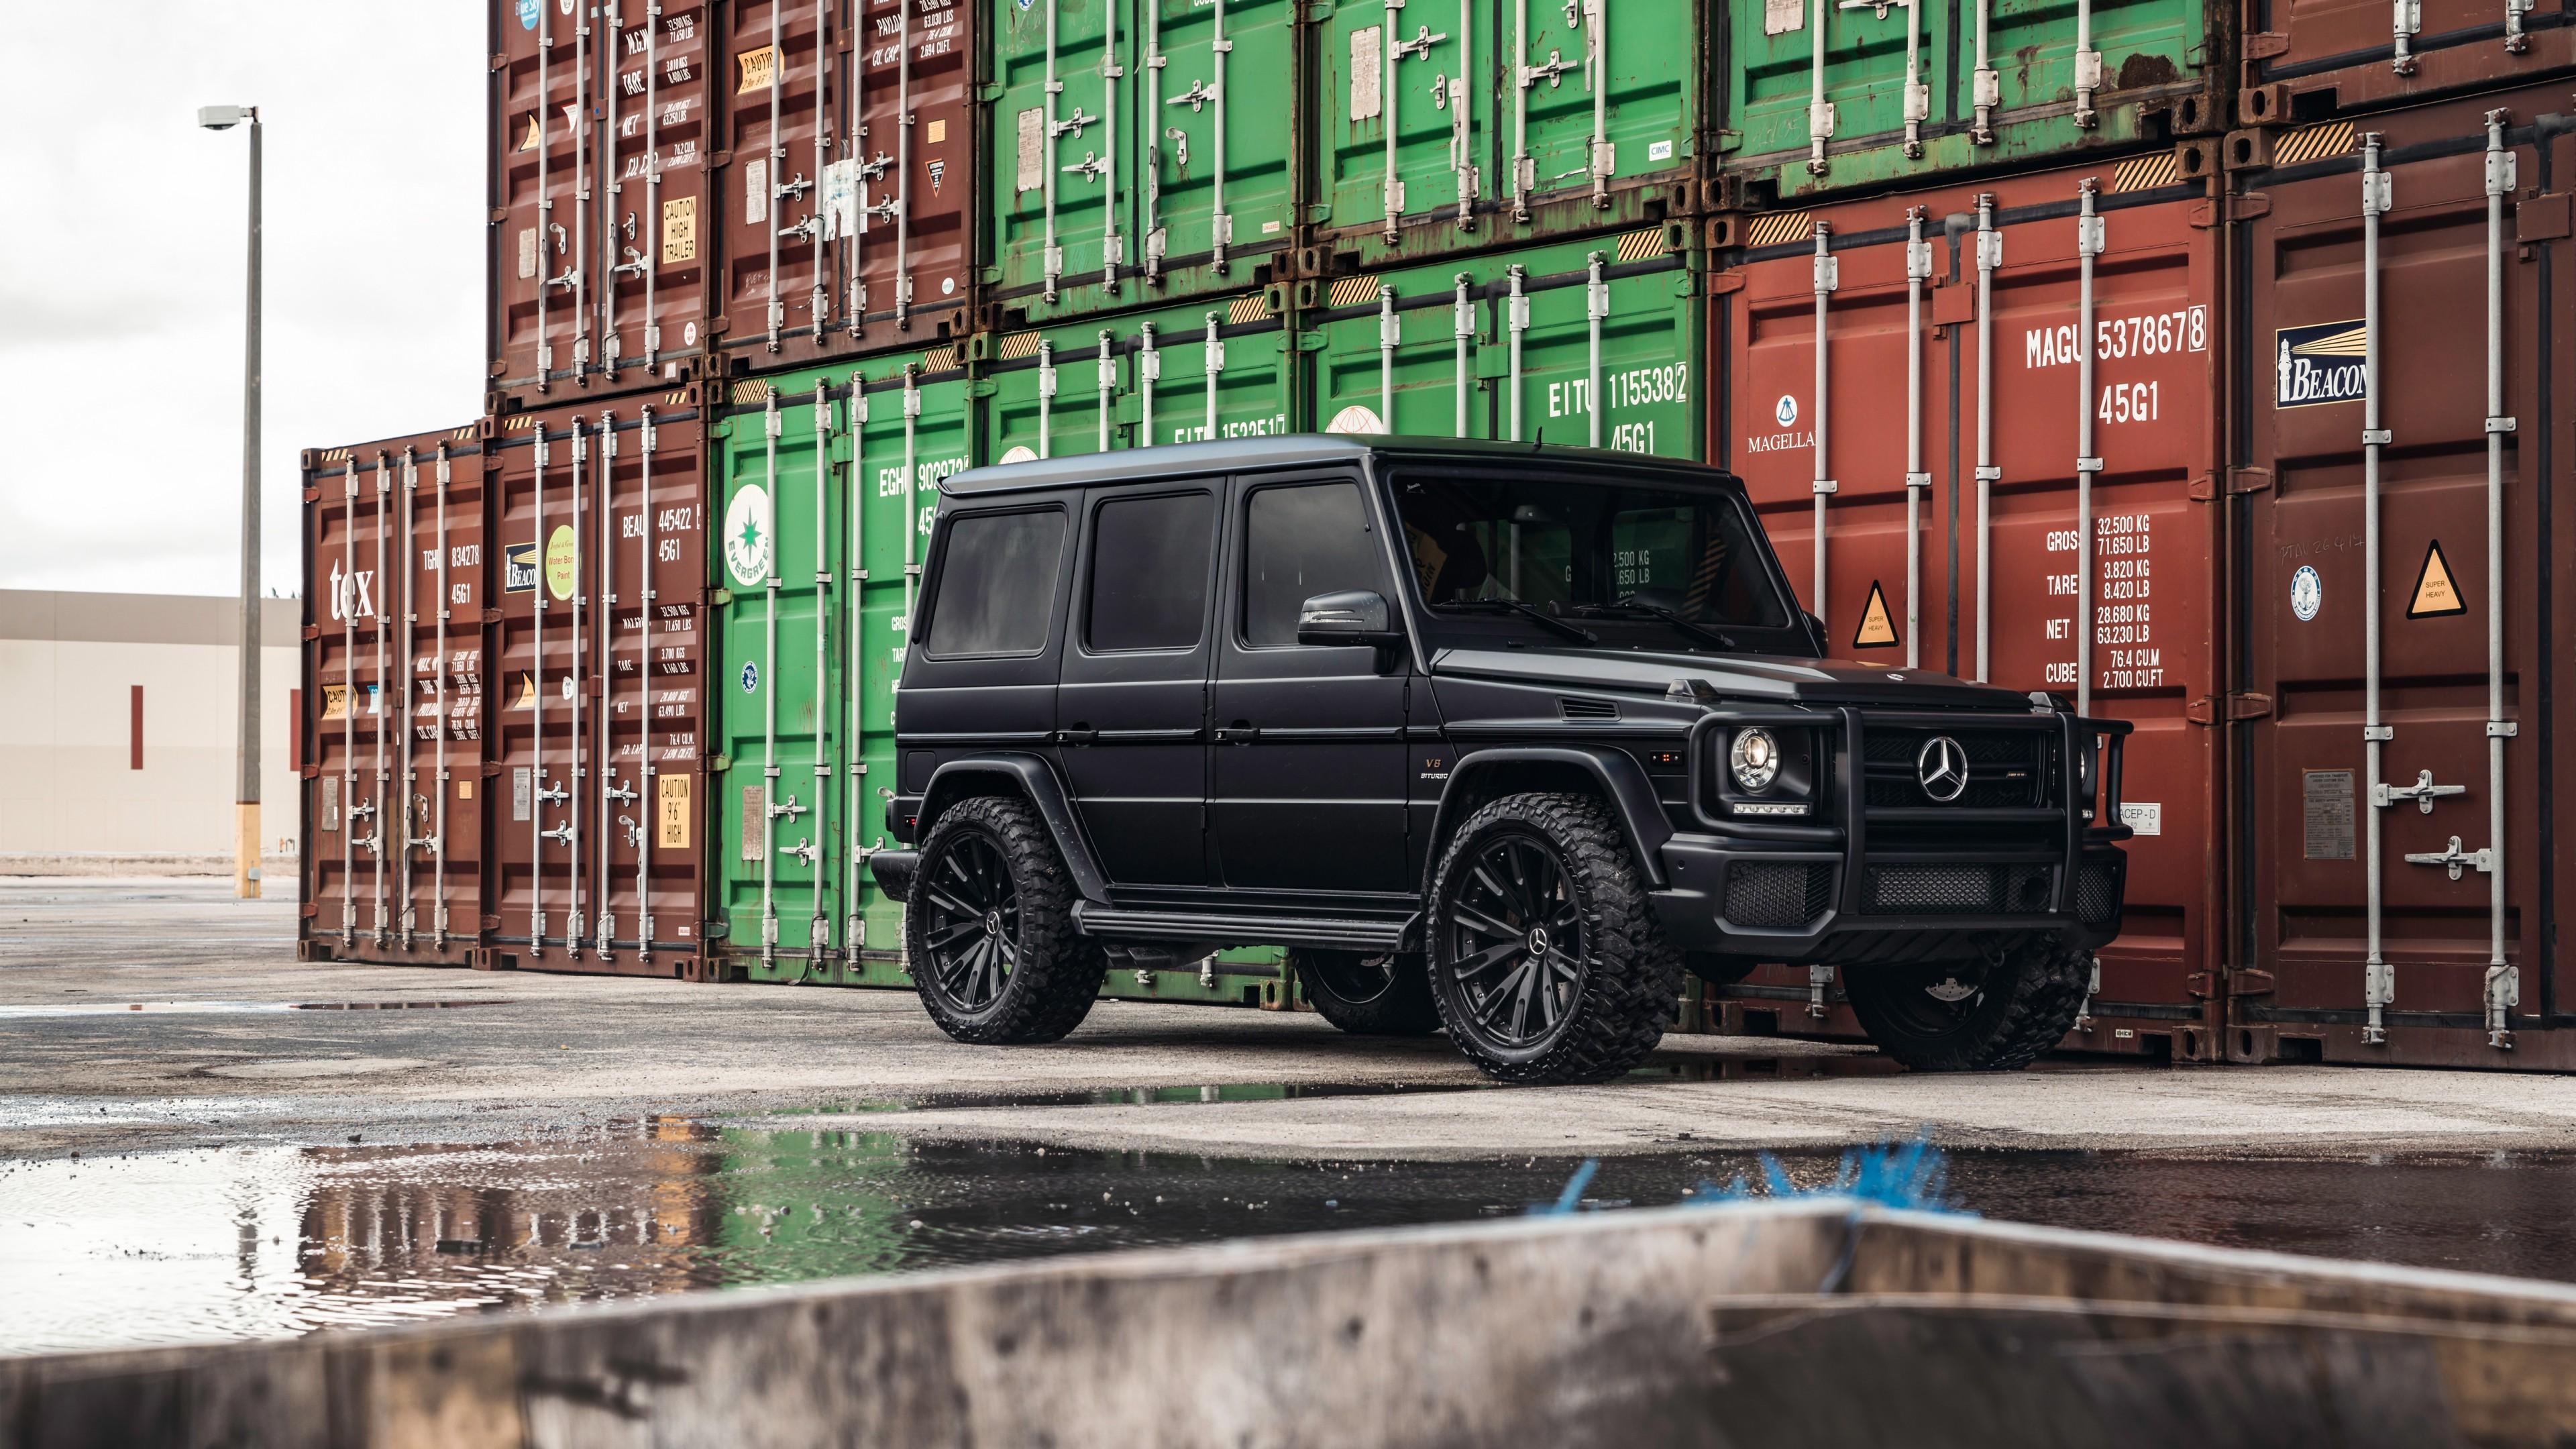 63 Power Wagon >> Mercedes AMG G Class G Wagen 5K Wallpaper | HD Car Wallpapers | ID #9029